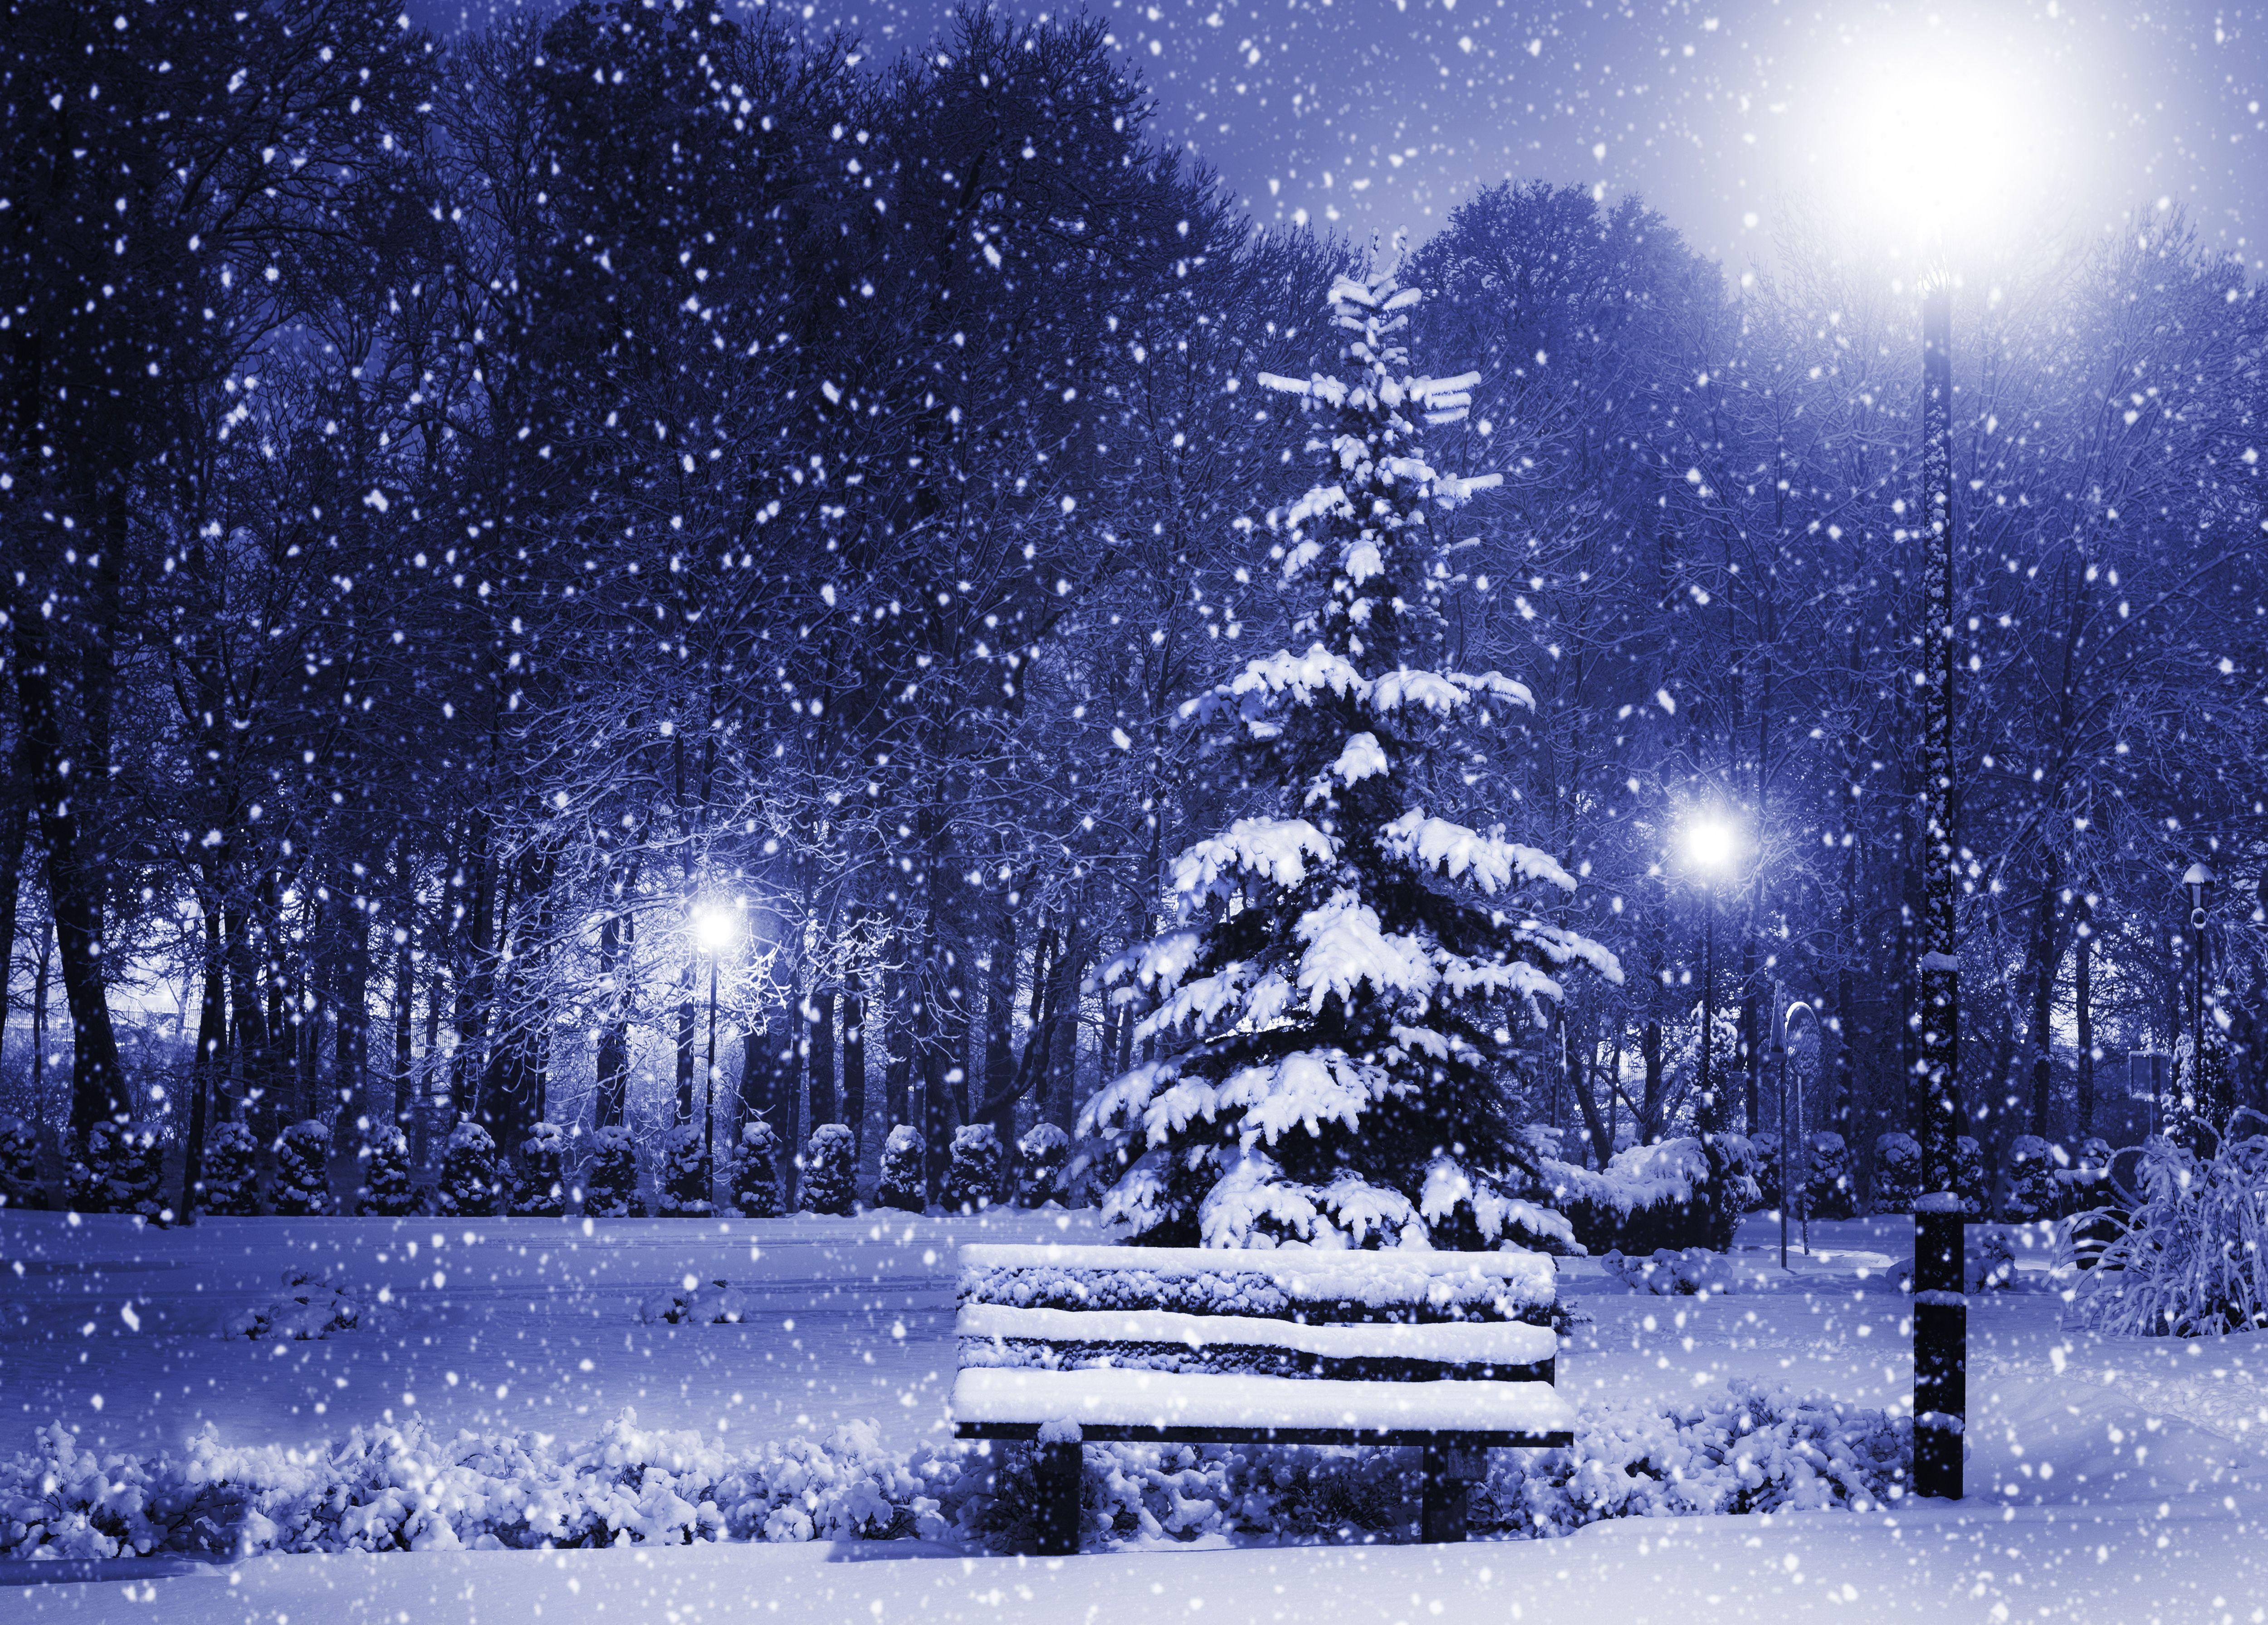 Картинки с анимацией с падающим снегом, поздравление